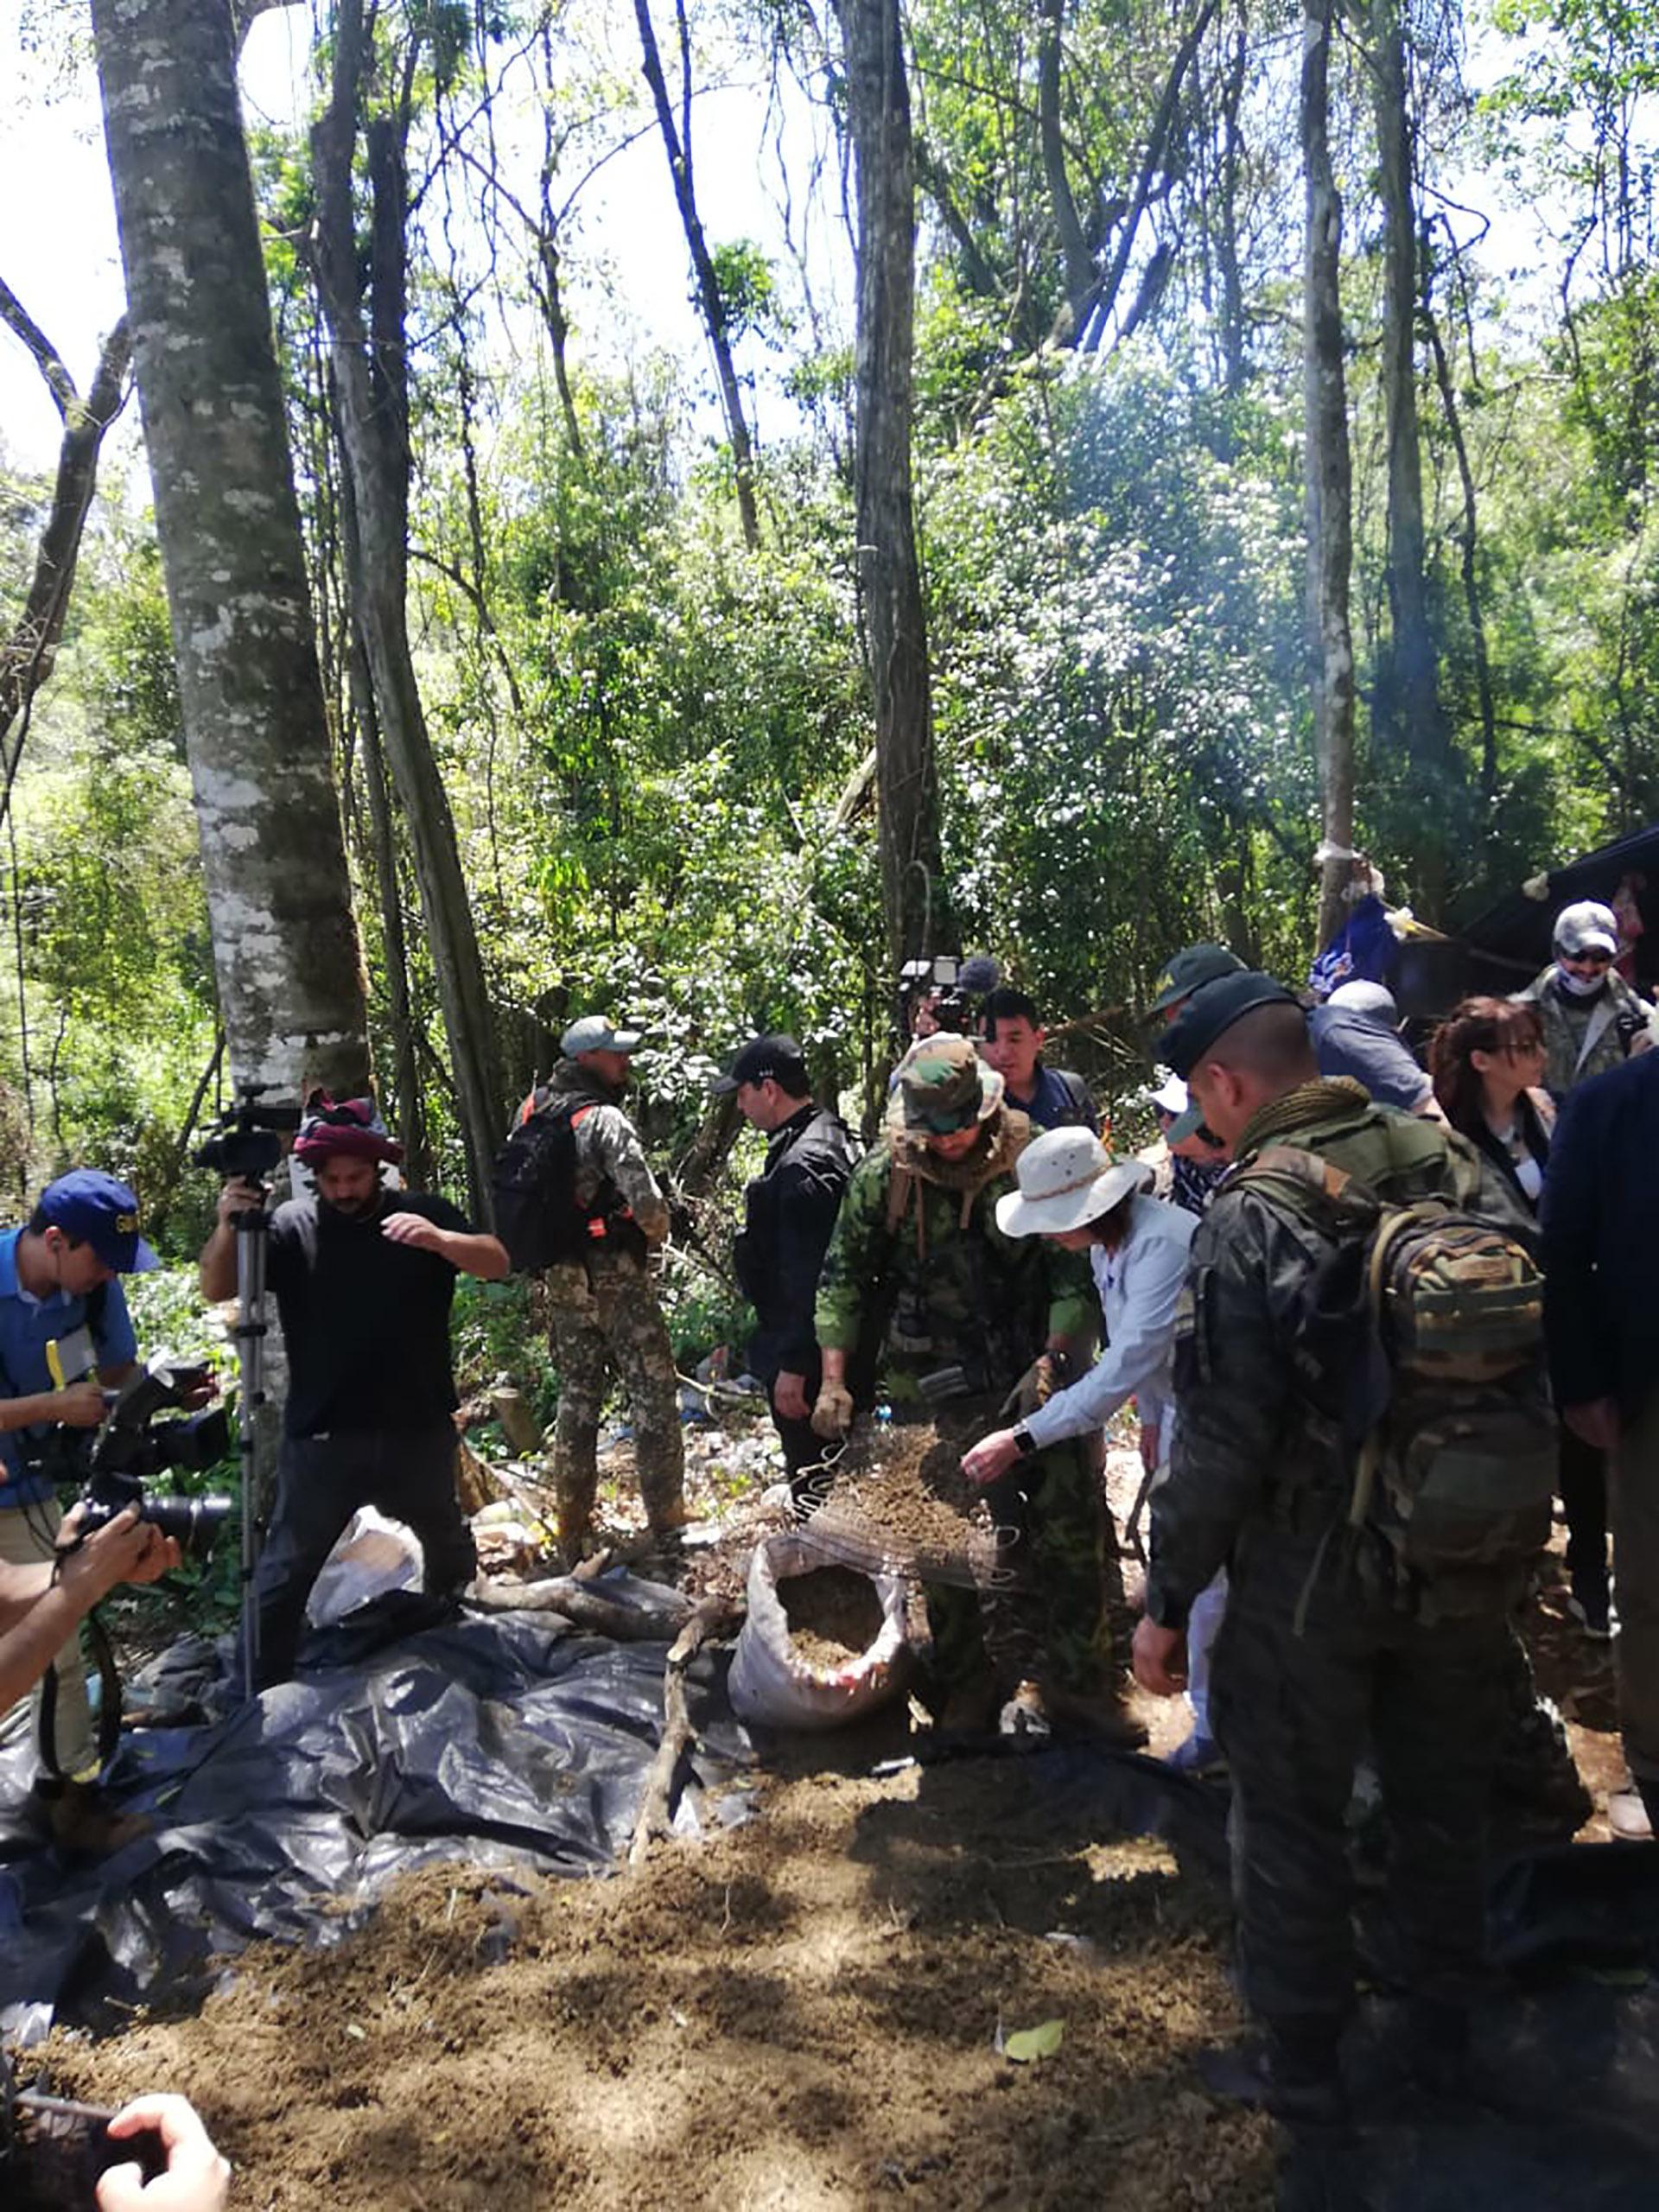 La Agencia Federal de Inteligencia (AFI) y la Secretaría Nacional Antidrogas (SENAD) de Paraguay iniciaron el 20 de septiembre un trabajo secreto en los departamentos de Itapúa y Caazapá, en Paraguay, que les permitió descubrir amplias zonas de producción de marihuana destinada al narcotráfico internacional.